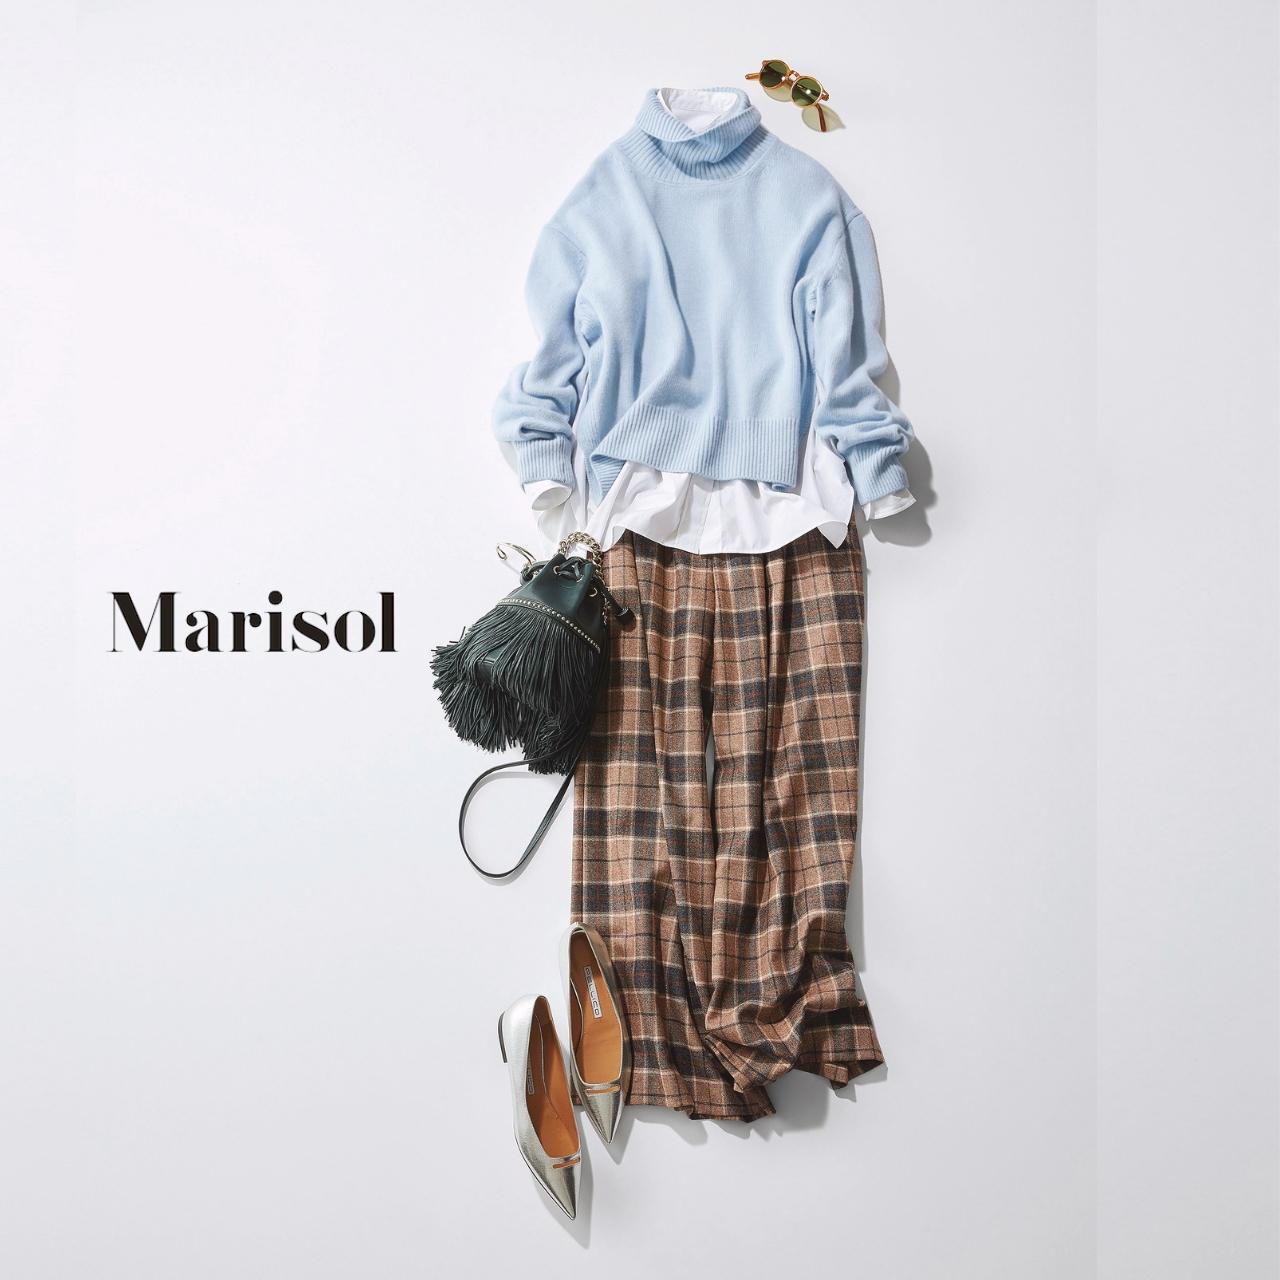 40代ファッション ニット×白シャツ×チェックパンツコーデ